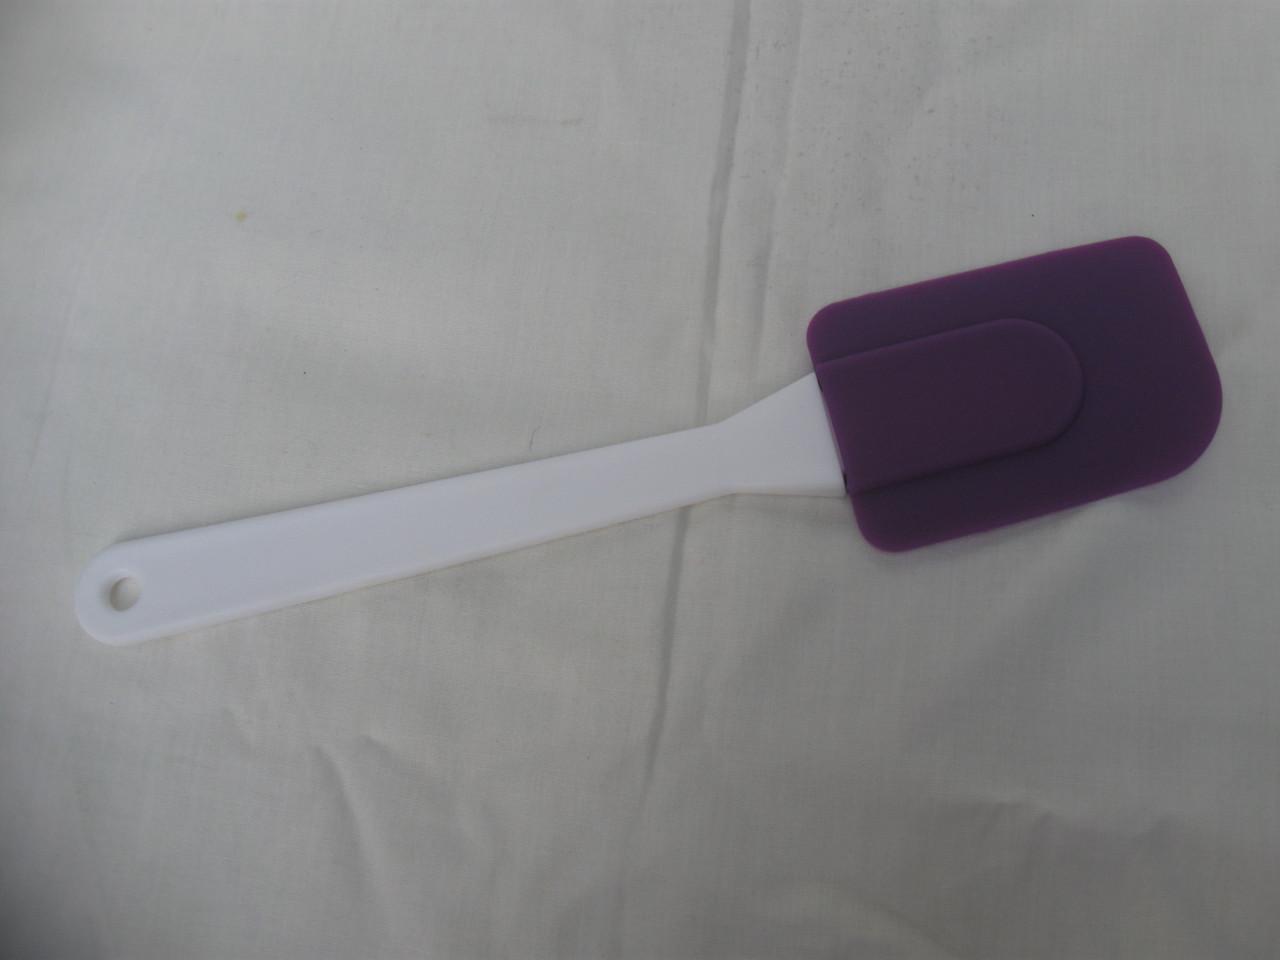 Лопатка силиконовая, 55/50 (цена за 1 шт. + 5 гр.)